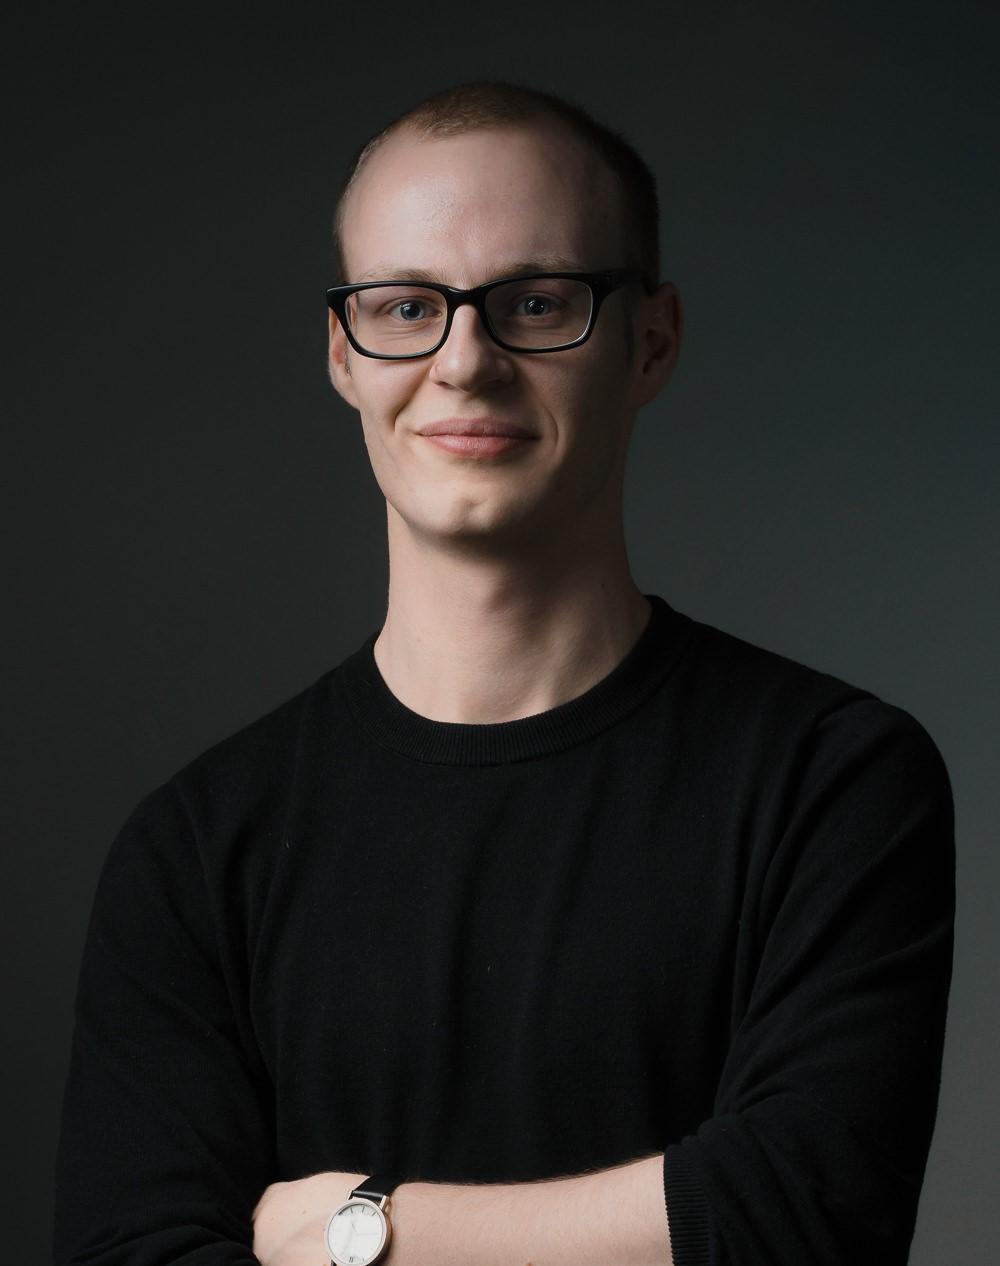 Martijn van Dorp